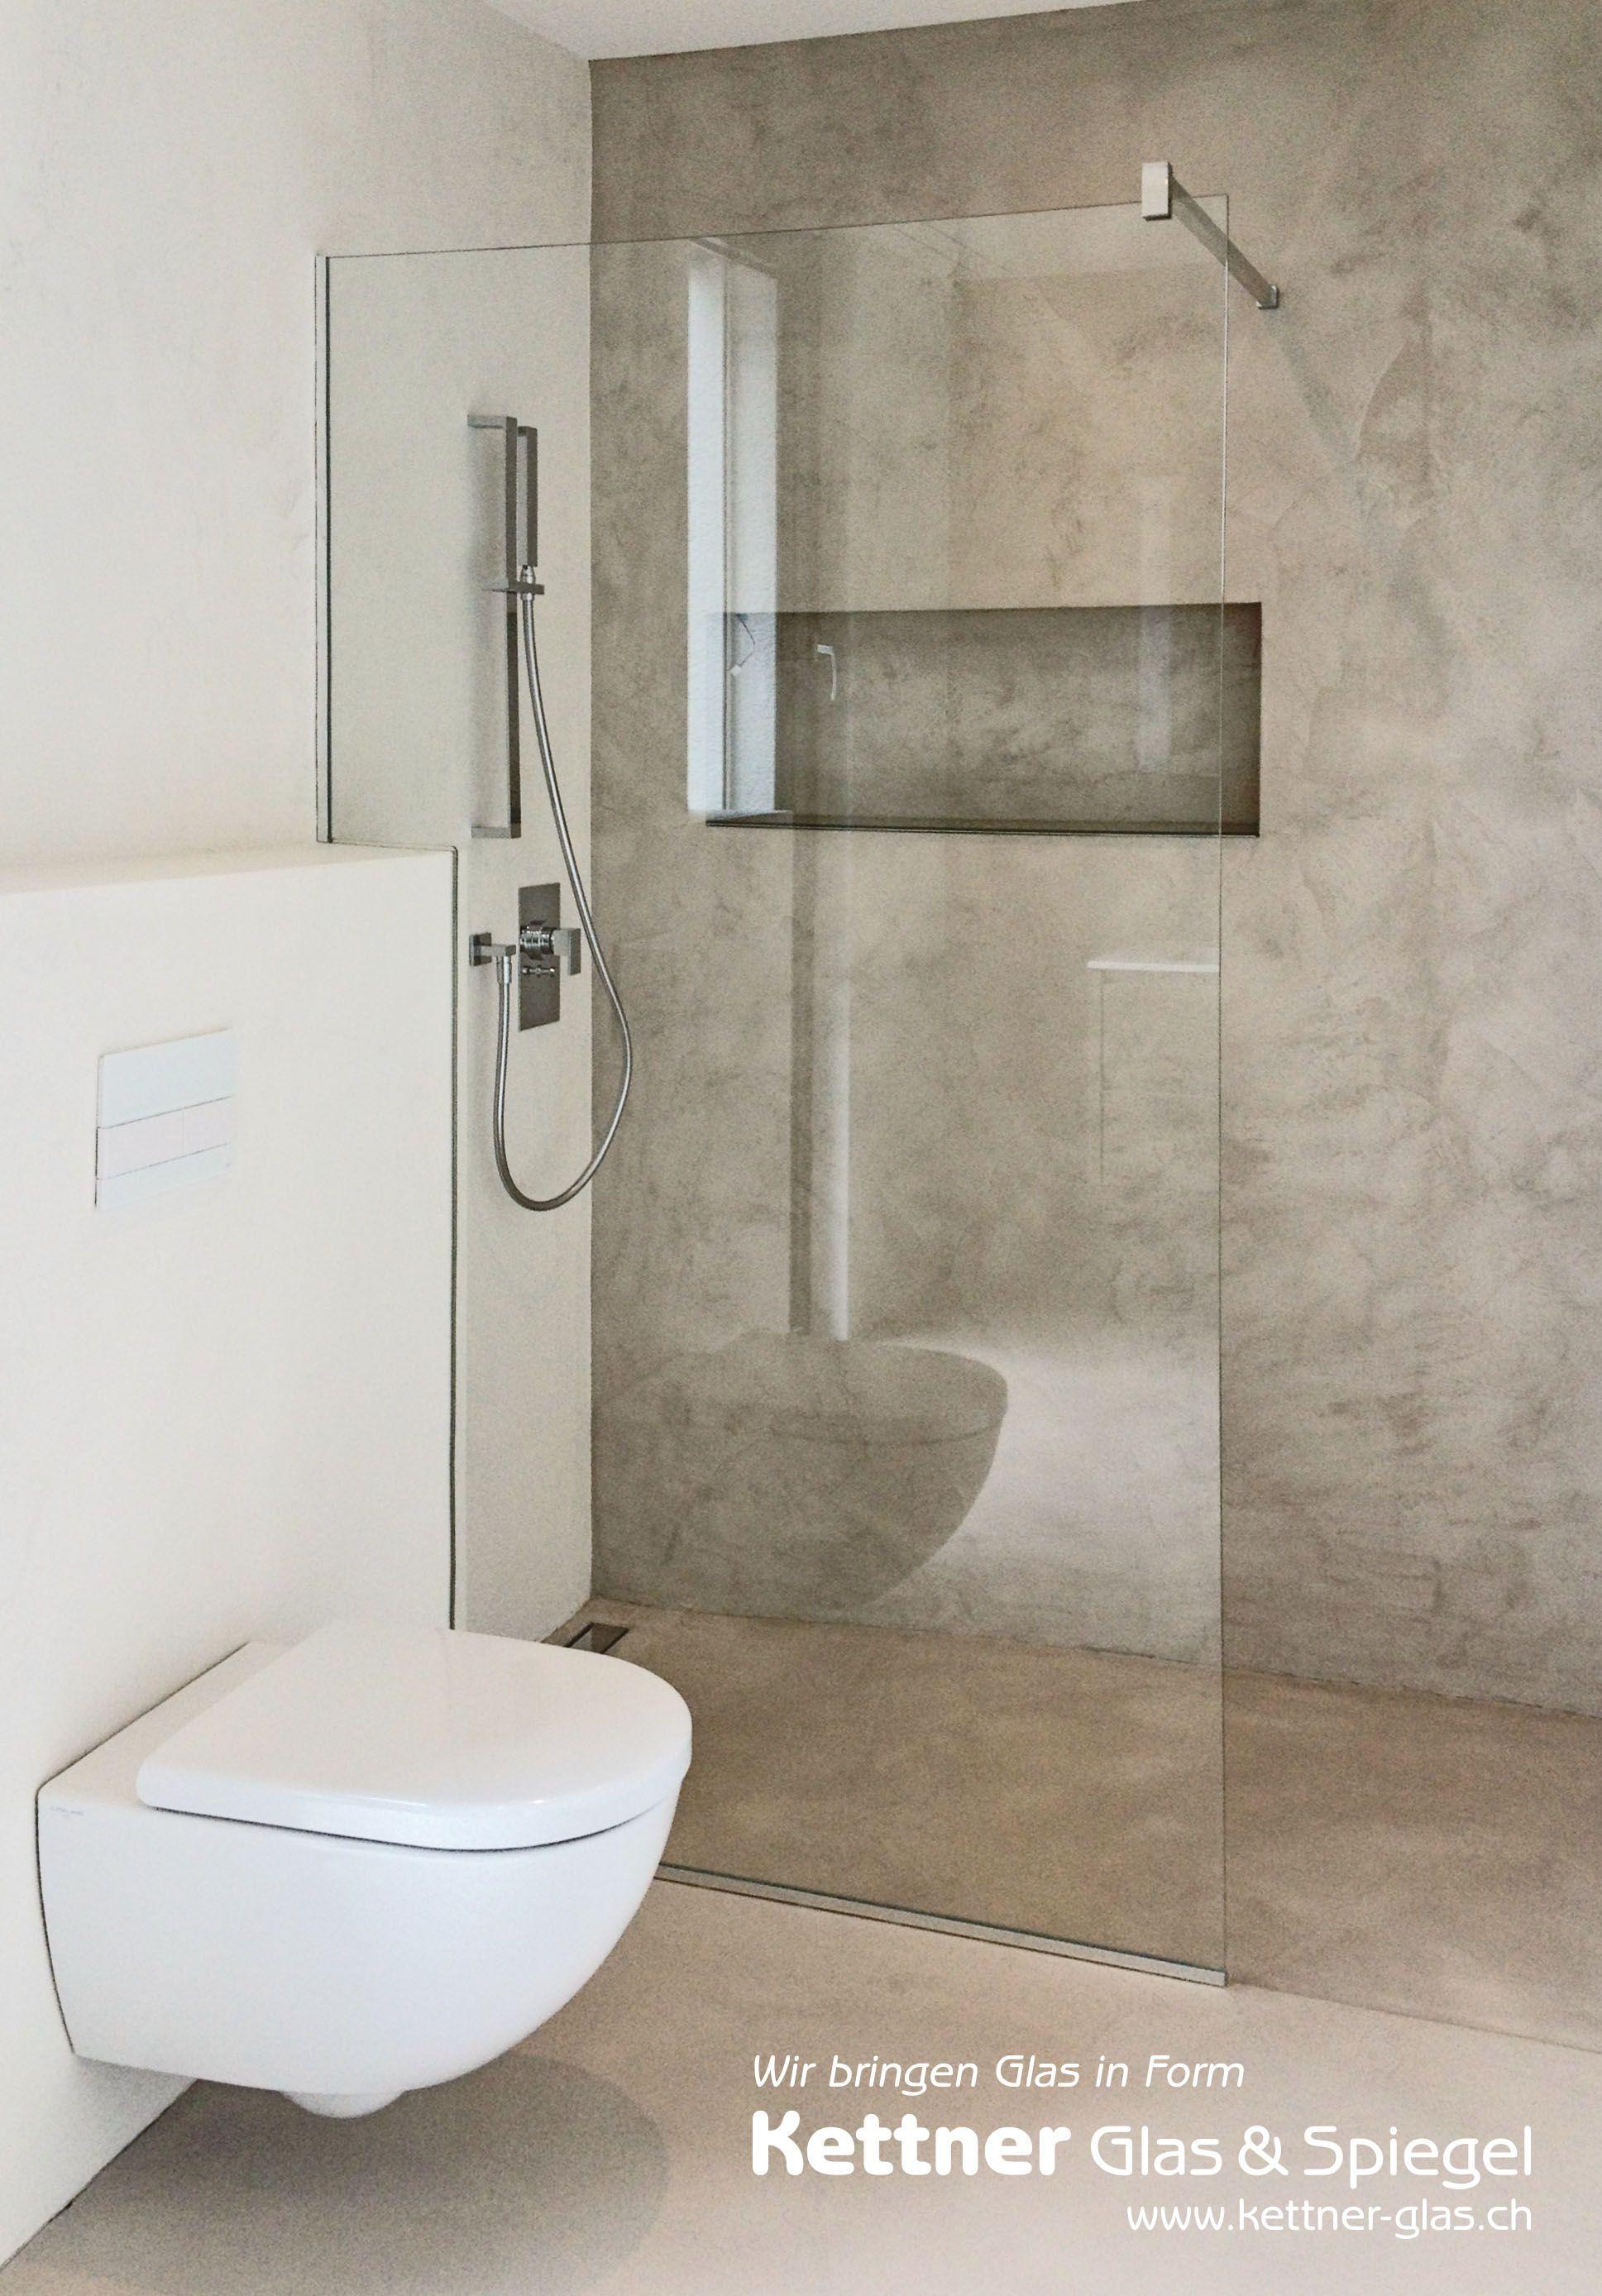 Duschtrennwand Aus Glas Mit Eckausbruch Und Eckiger Stabilisationsstange Badezimmer Duschtrennwand Badezimmerideen